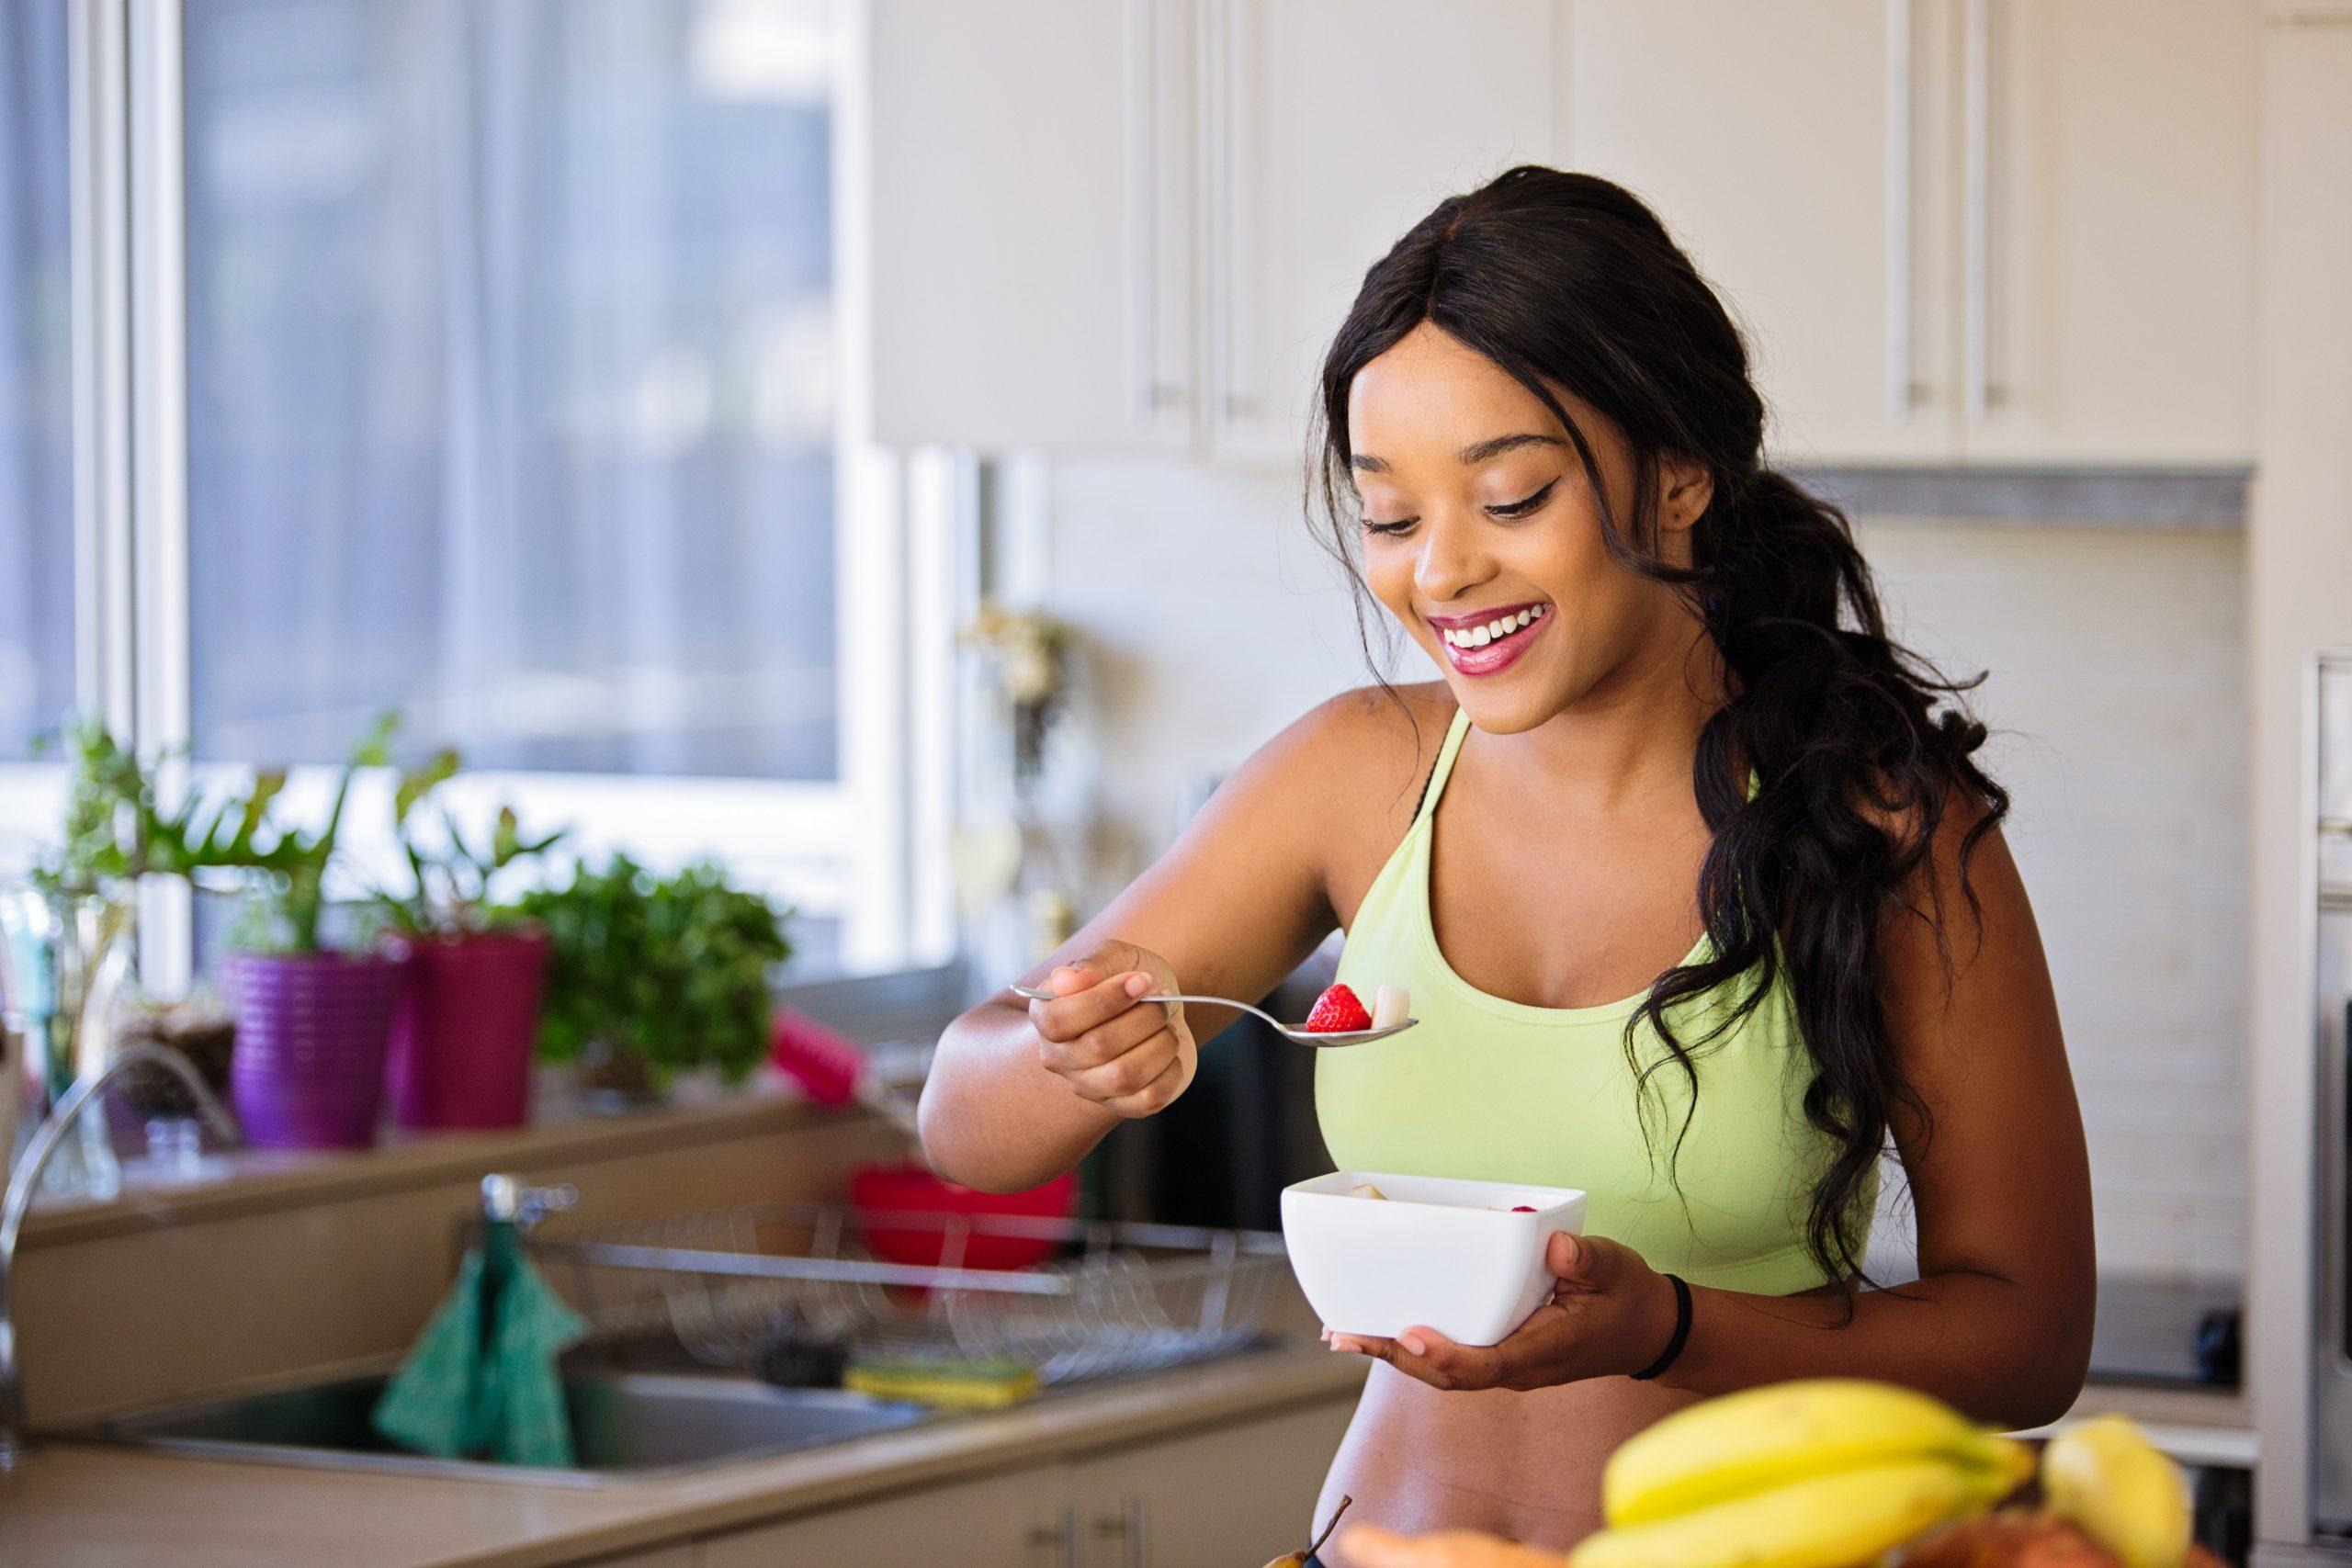 Imagem de uma mulher comendo frutas.